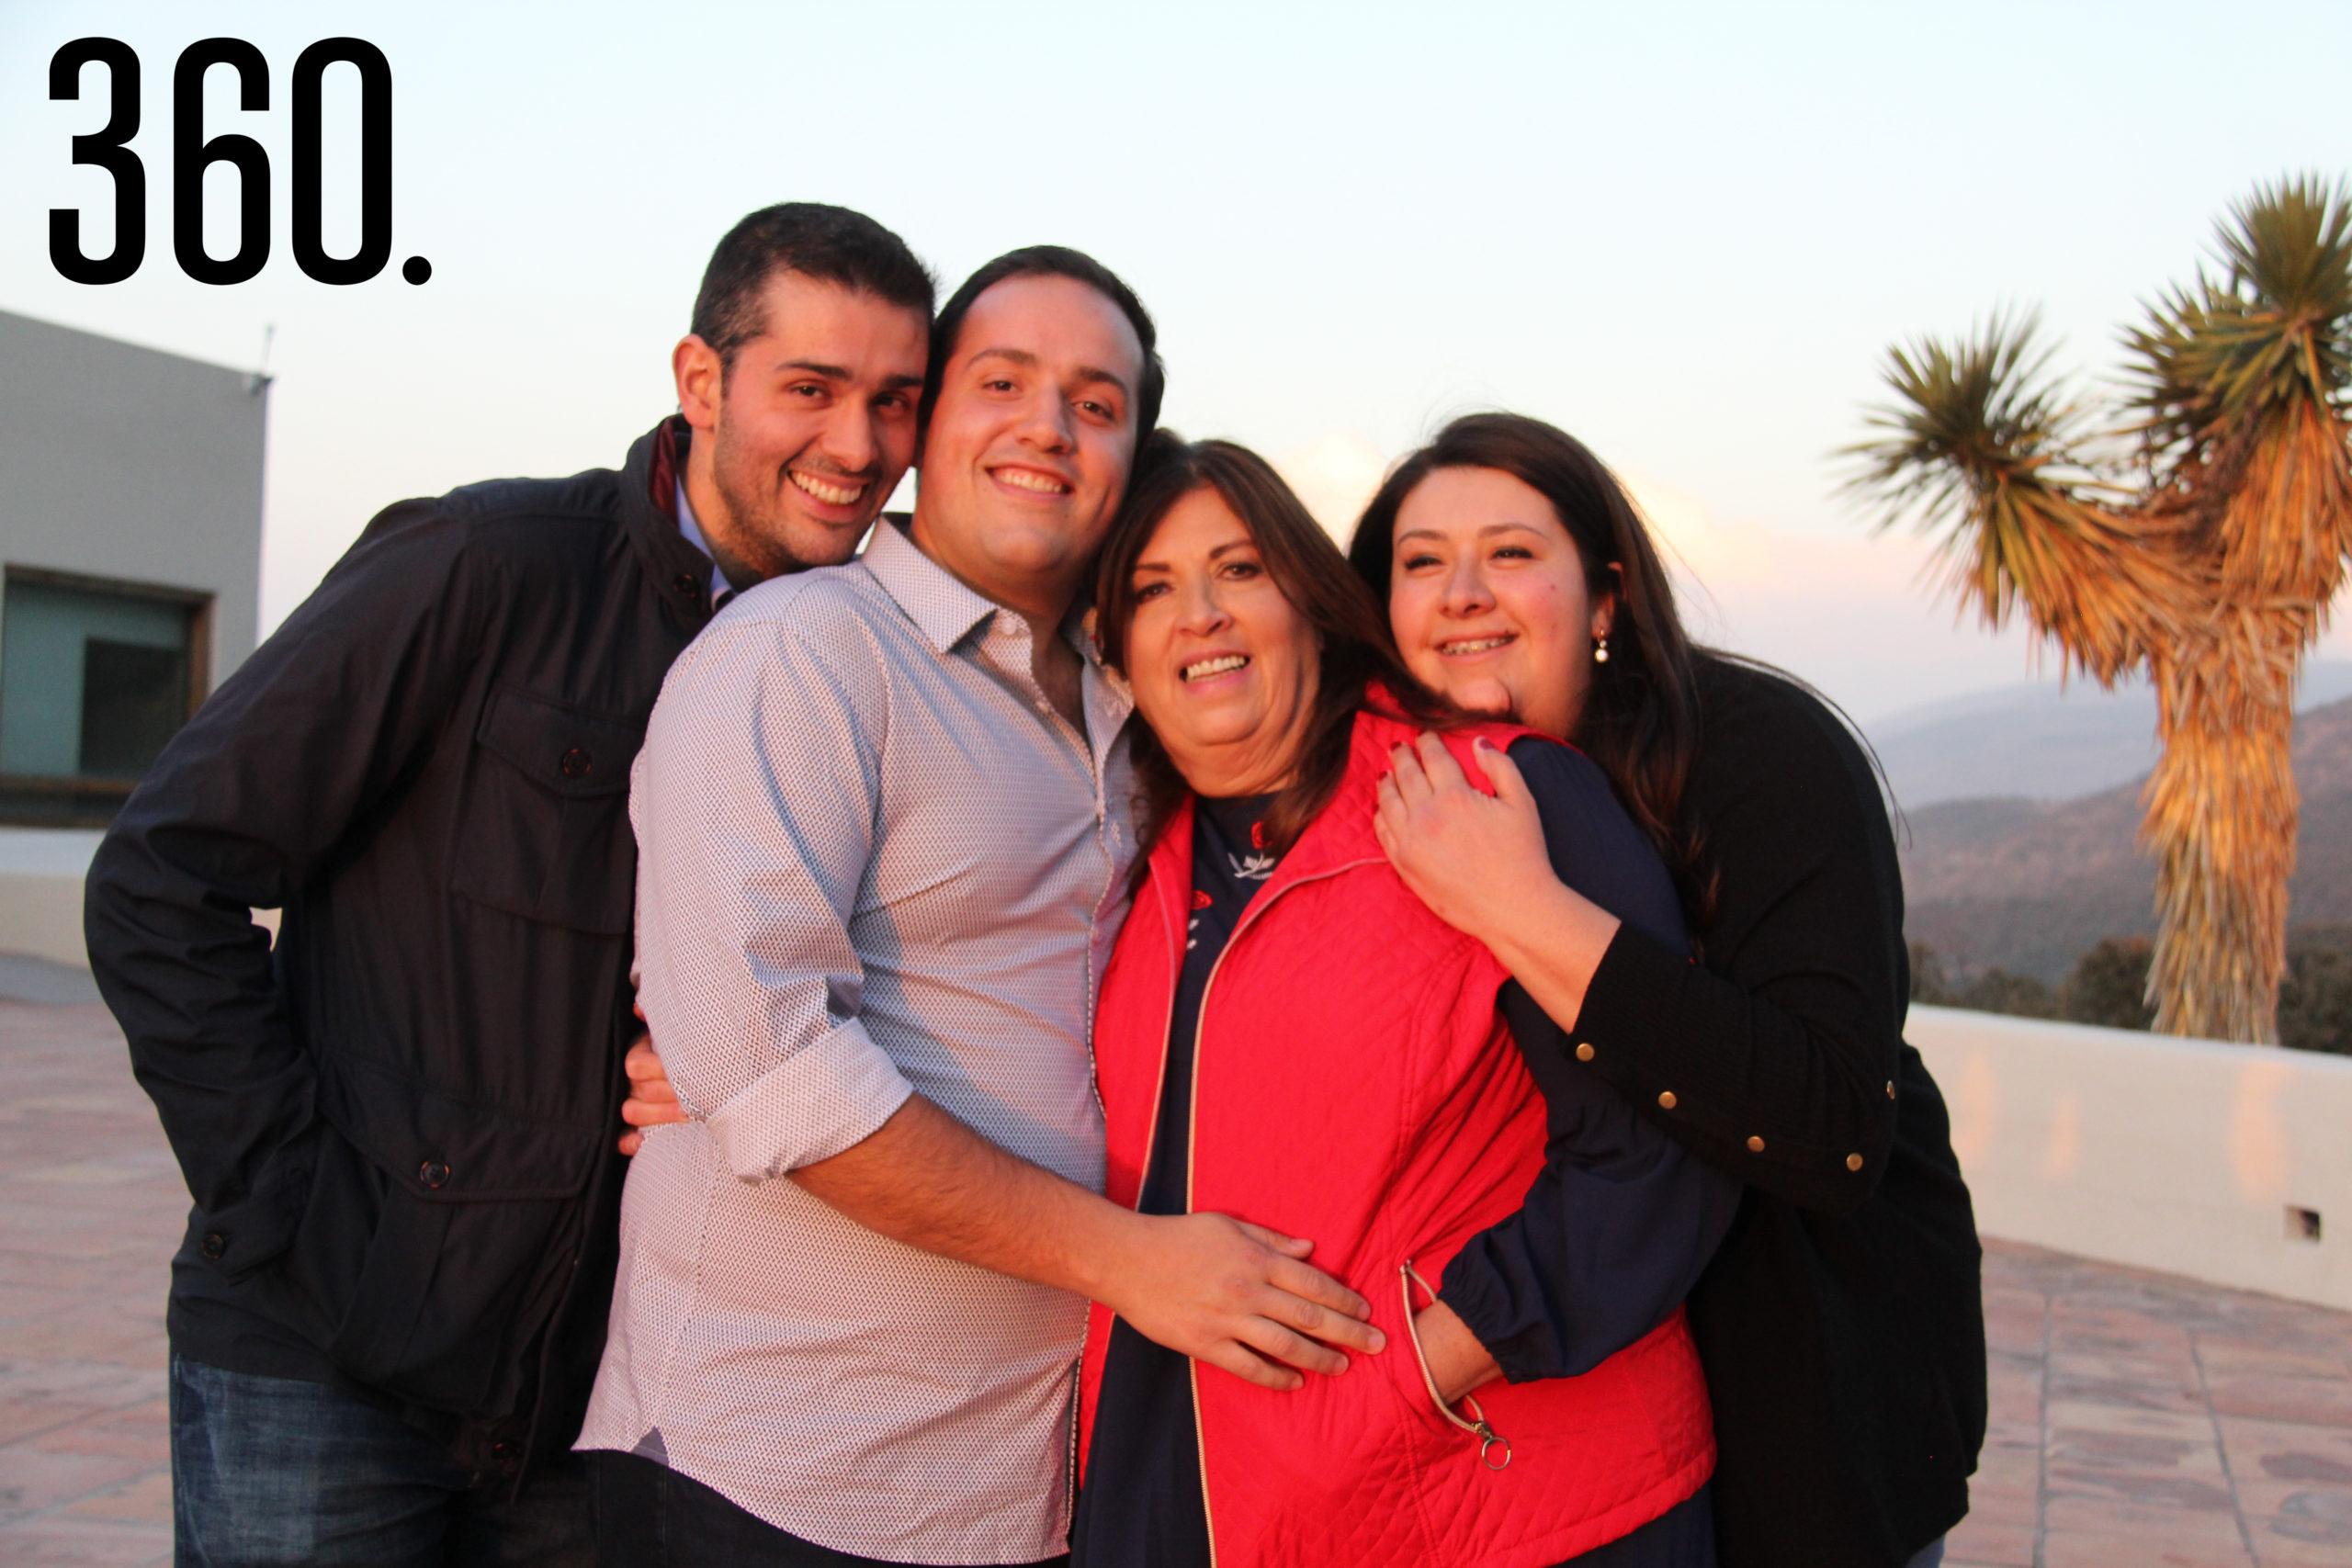 Rodrigo con su mamá, Nélida Castilla, y sus hermanos, Luis Antonio y Nélida Villarreal.